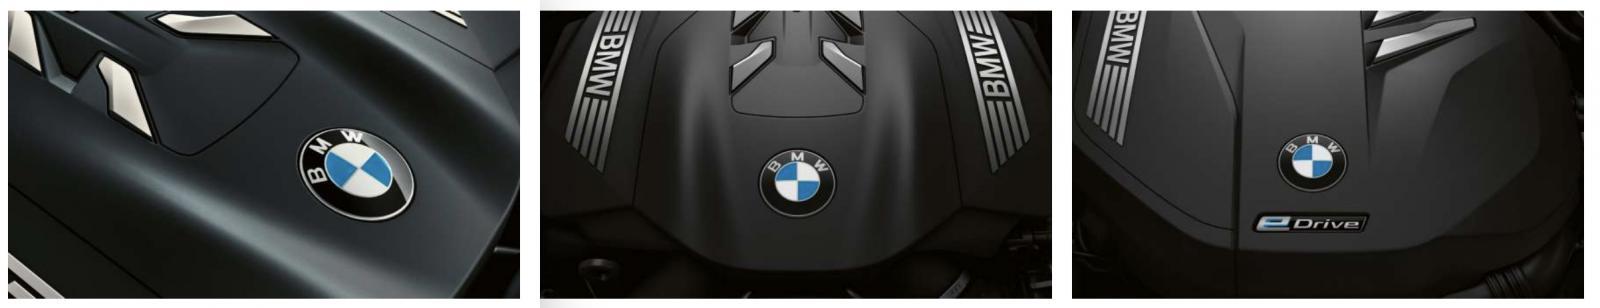 เครื่องยนต์ BMW 7 Series